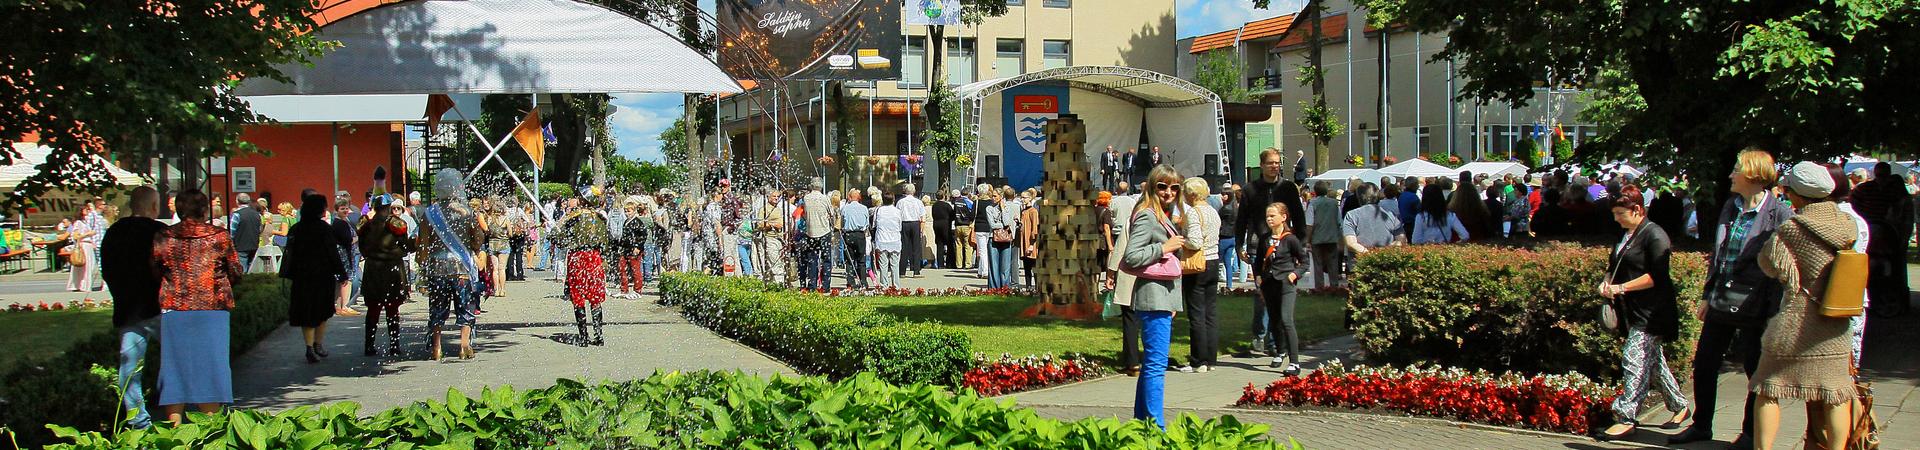 Sveiki, Molėtiškiai ir miesto svečiai, mylintys Molėtus,